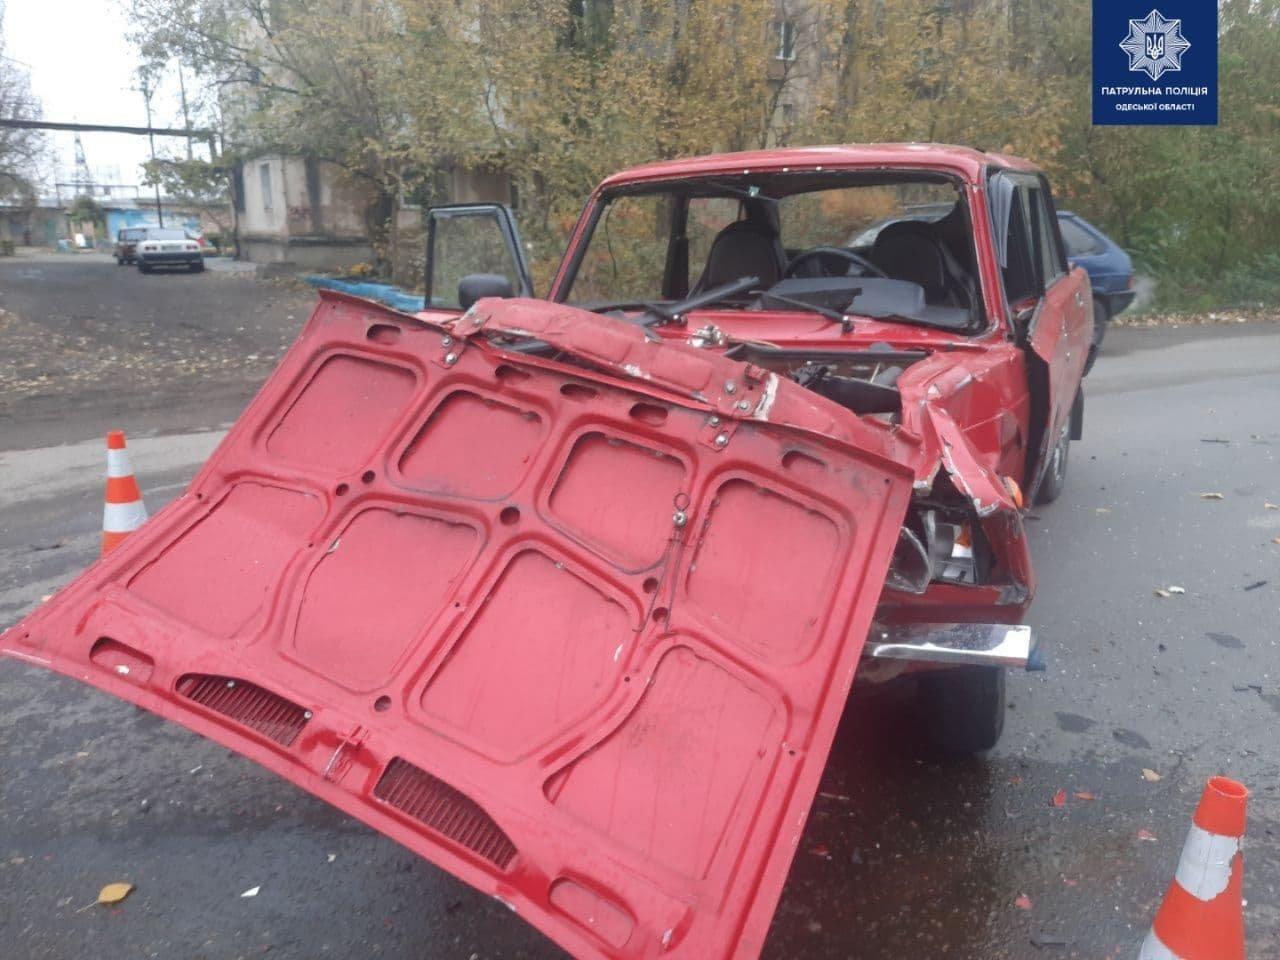 В Одессе в ДТП с тремя автомобилями пострадал мужчина, - ФОТО, фото-1